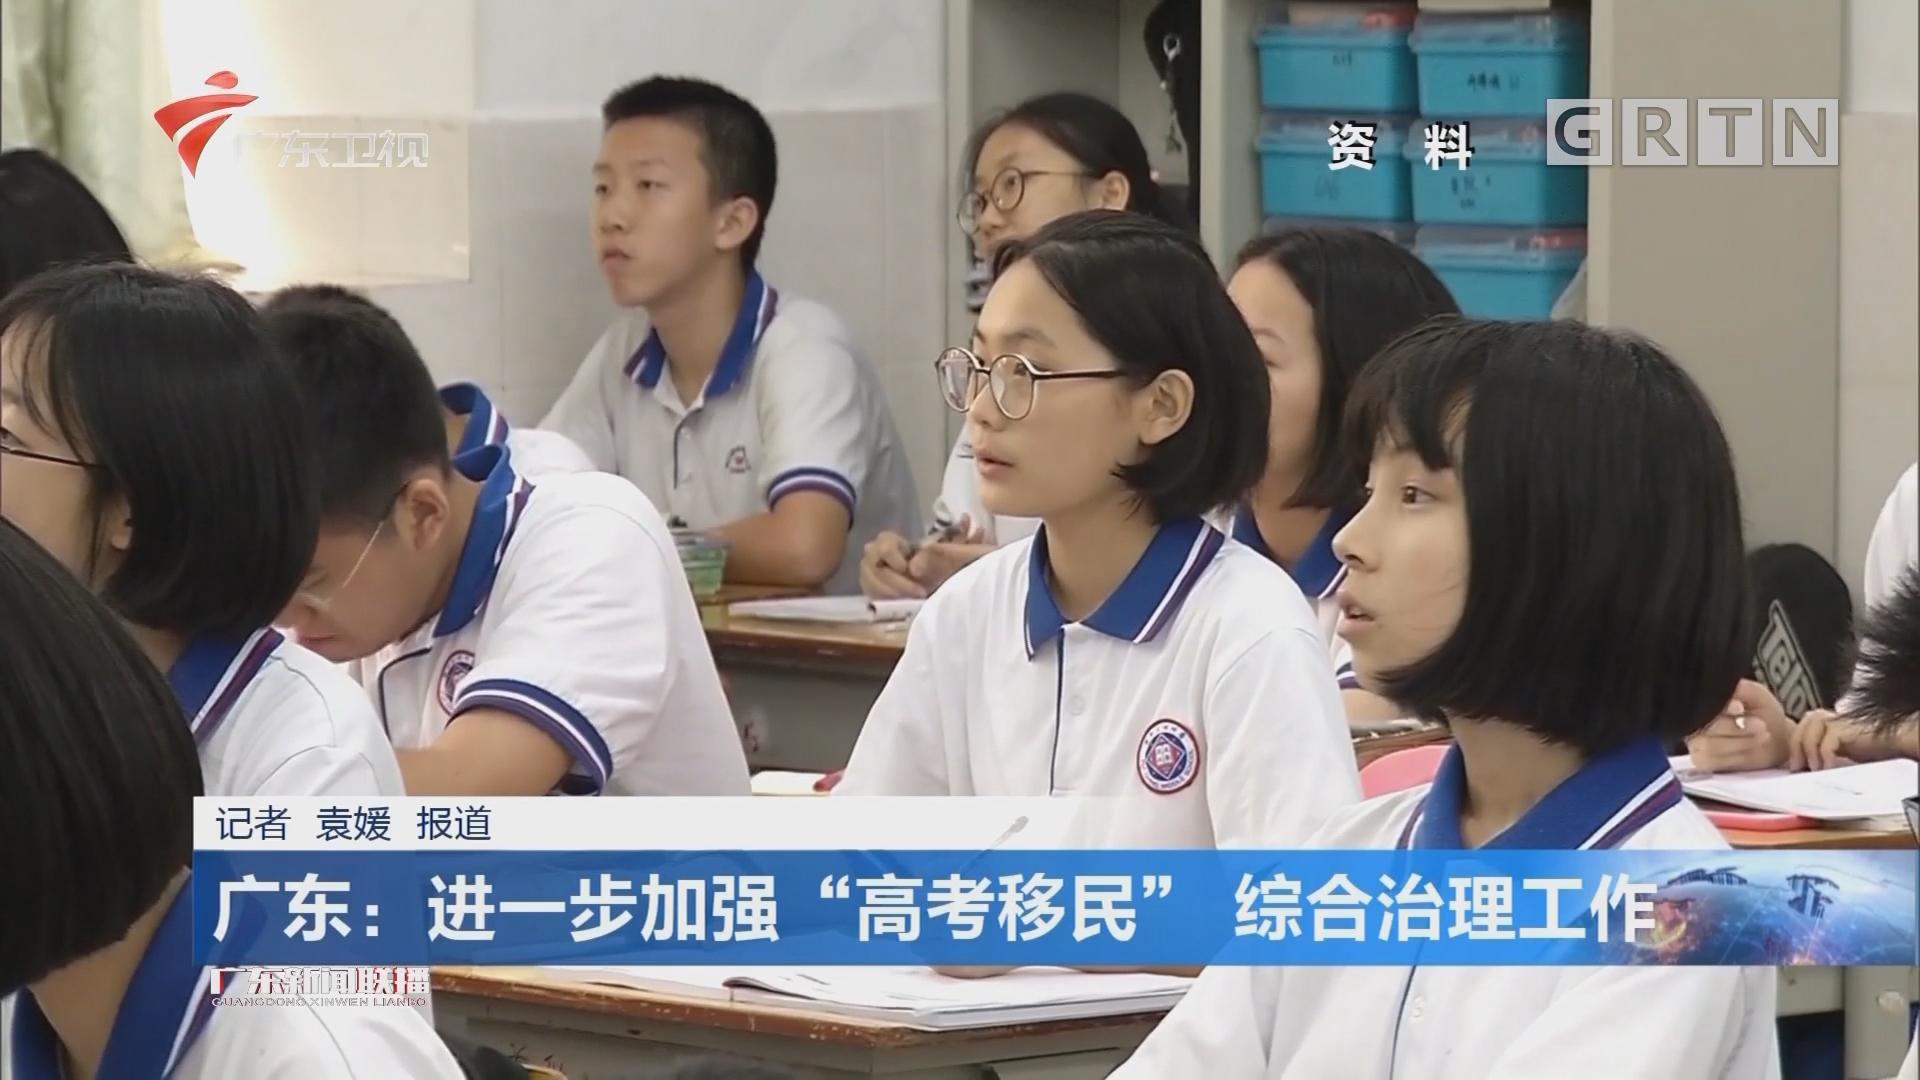 """广东:进一步加强""""高考移民"""" 综合治理工作"""